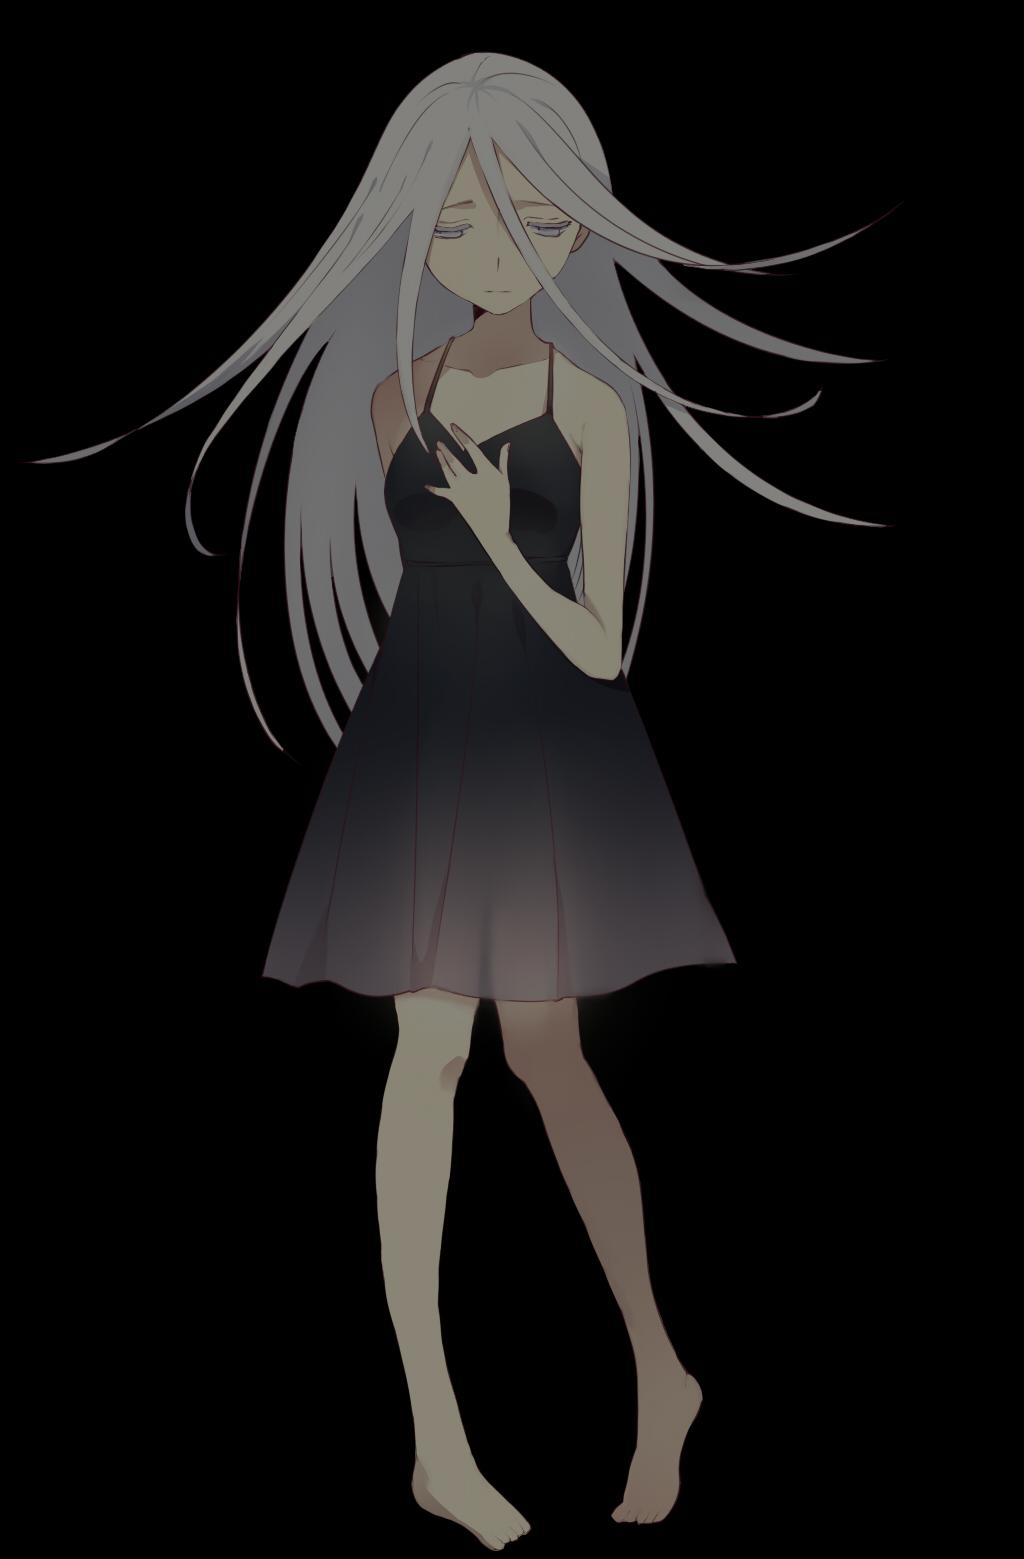 Wallpaper Dark Anime Shiro Deadman Wonderland Mobile Wallpaper 1073465